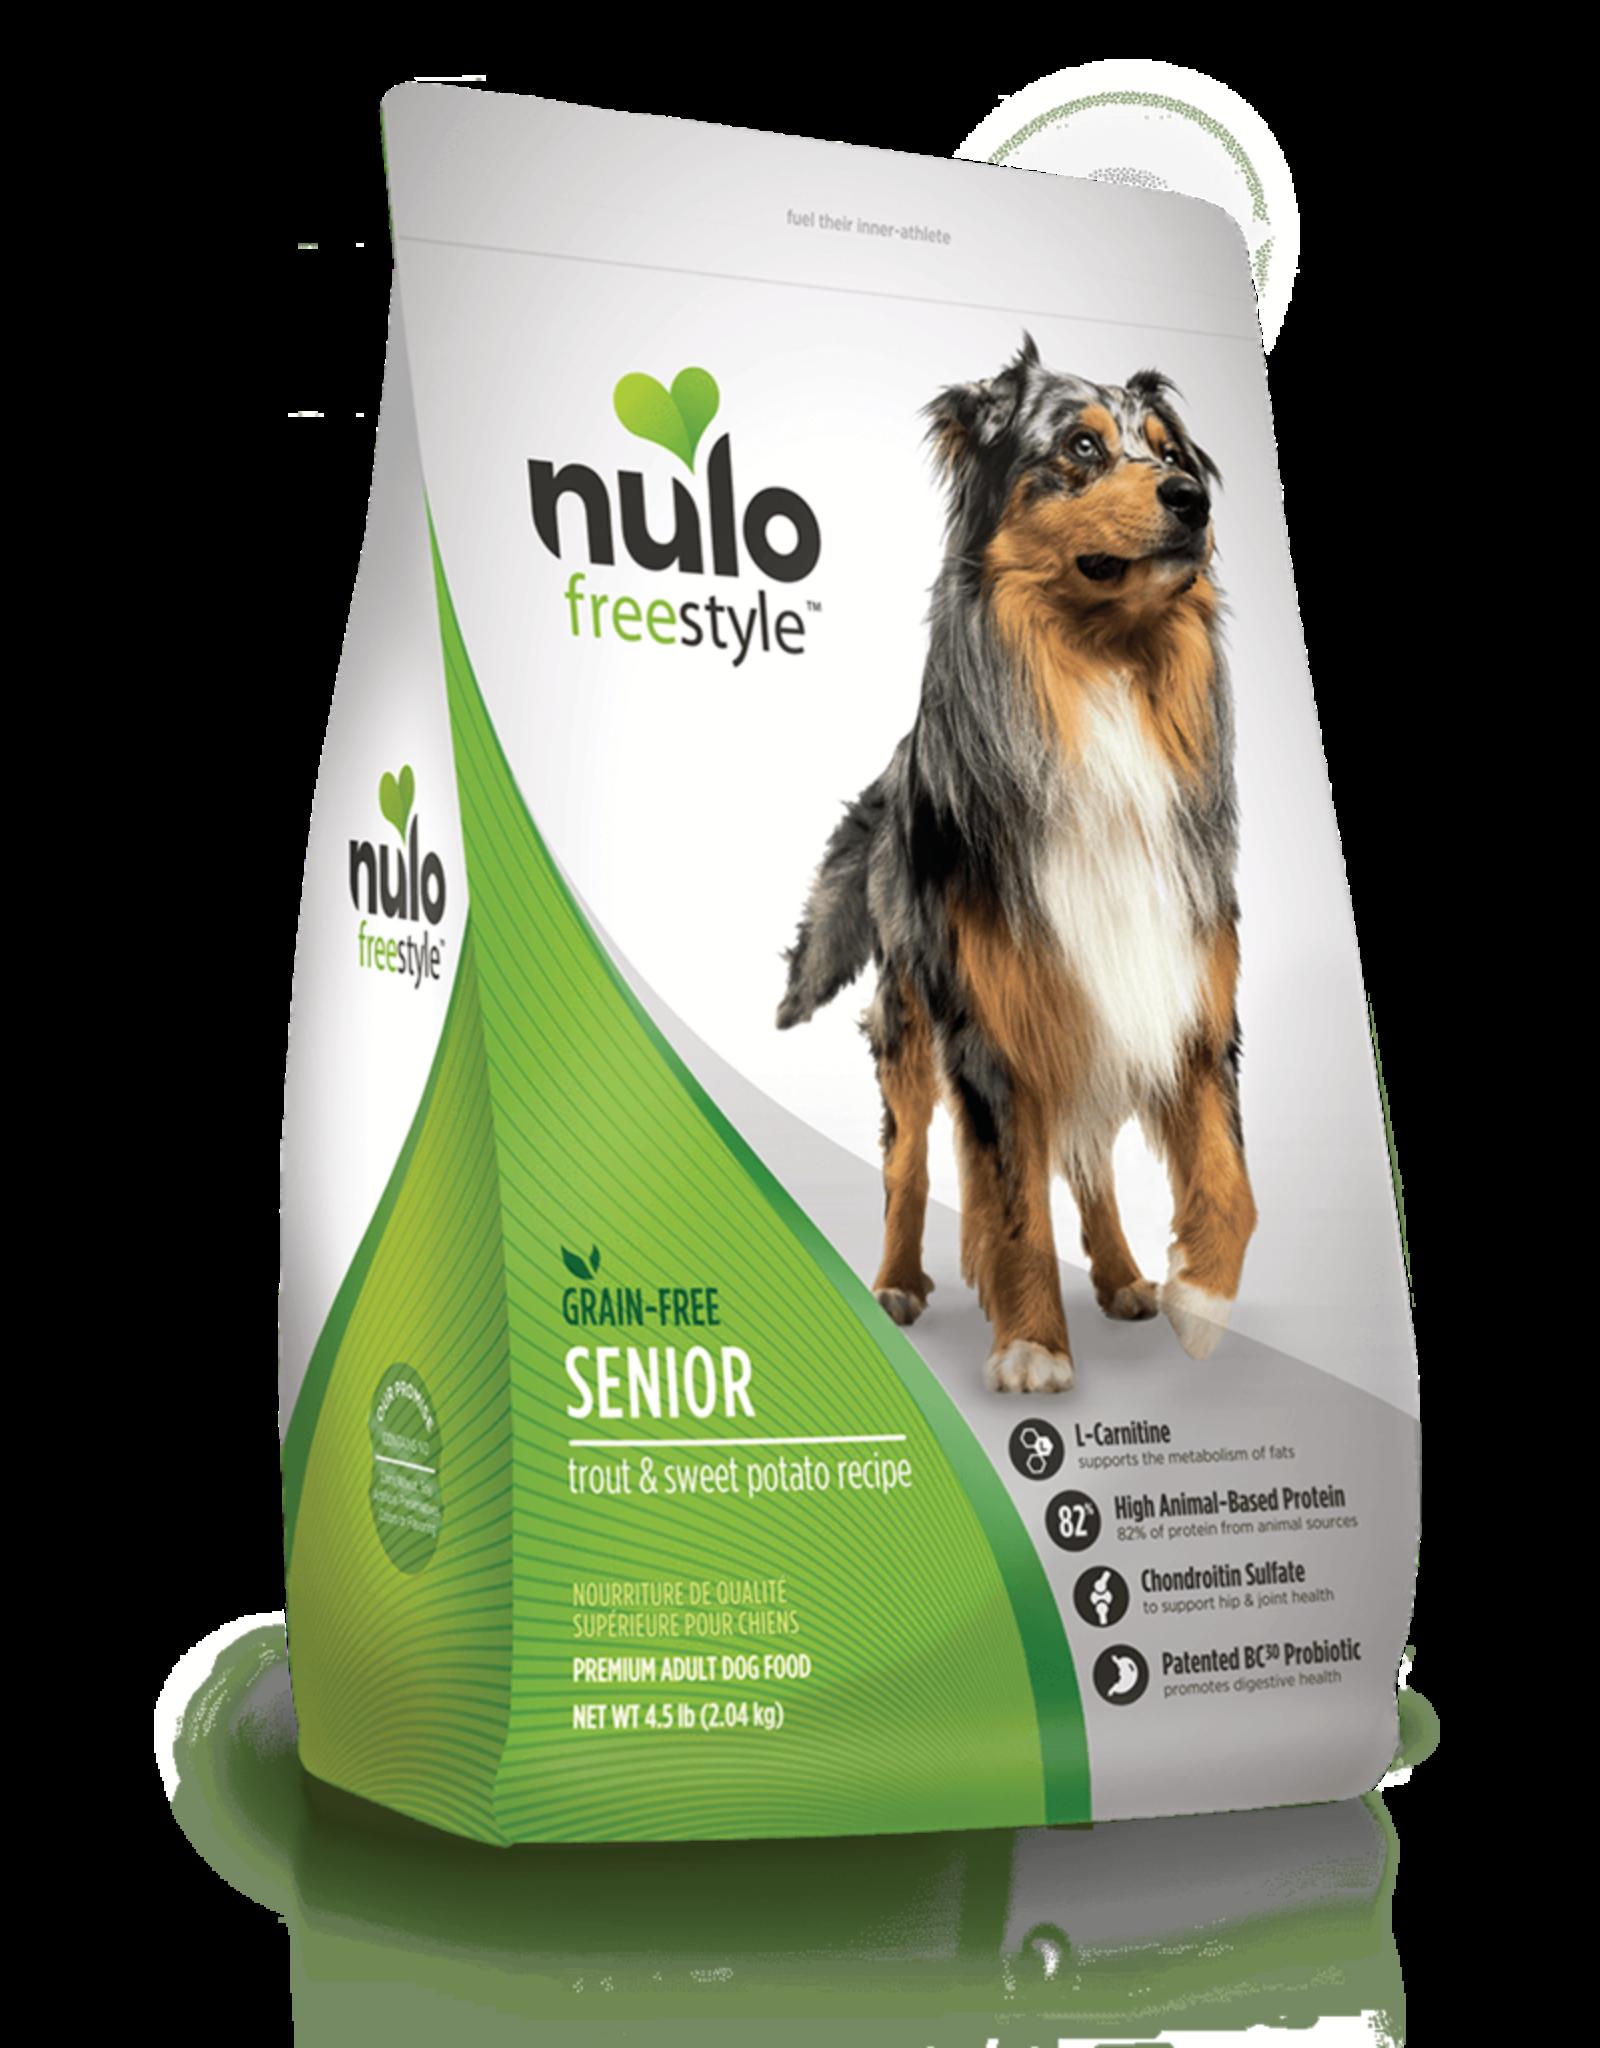 Nulo Dog Freestyle Trout & Sweet Potato Senior - Grain-Free 24lb